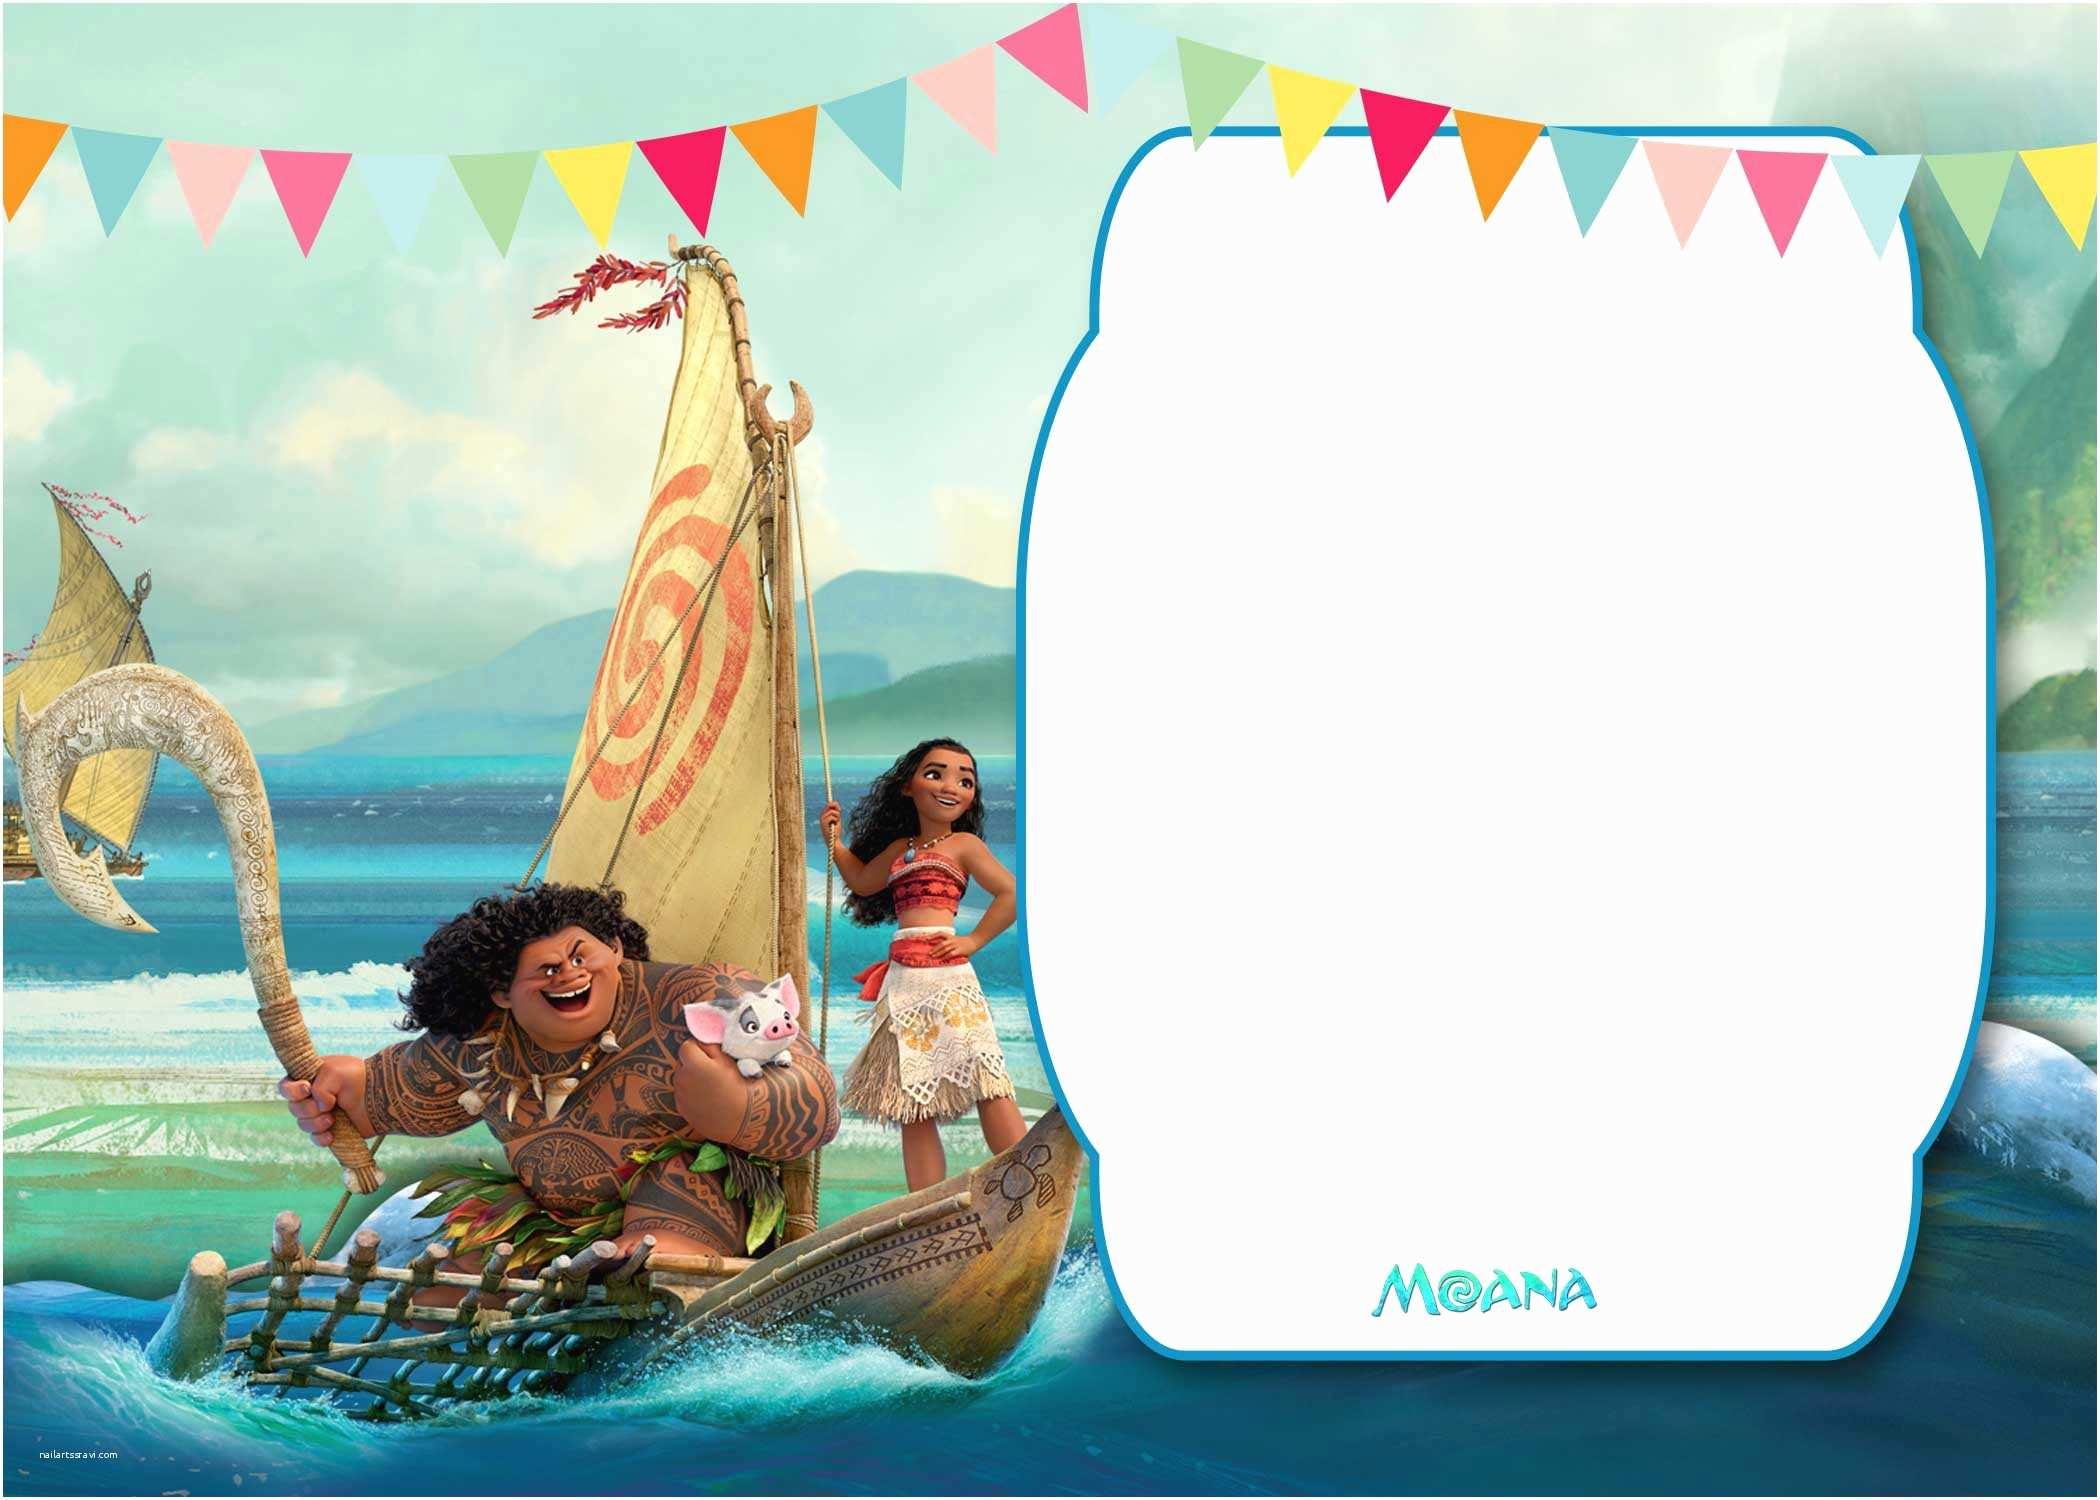 Moana Birthday Party Invitations Free Printable Moana 1st Invitation Template – Bagvania